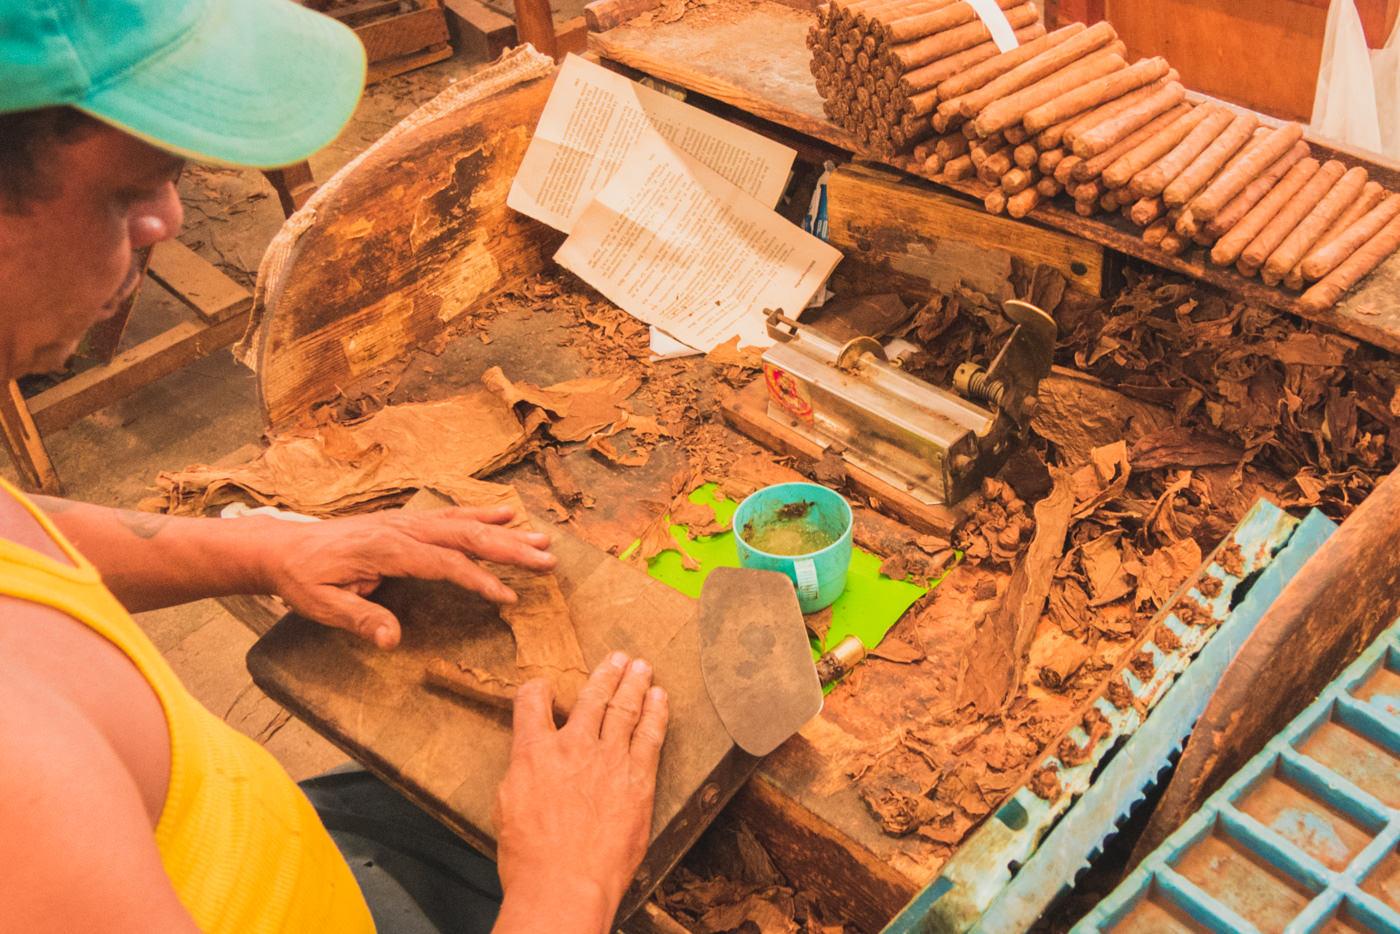 Mann rollt Zigarre in Zigarrenfabrik in Trinidad